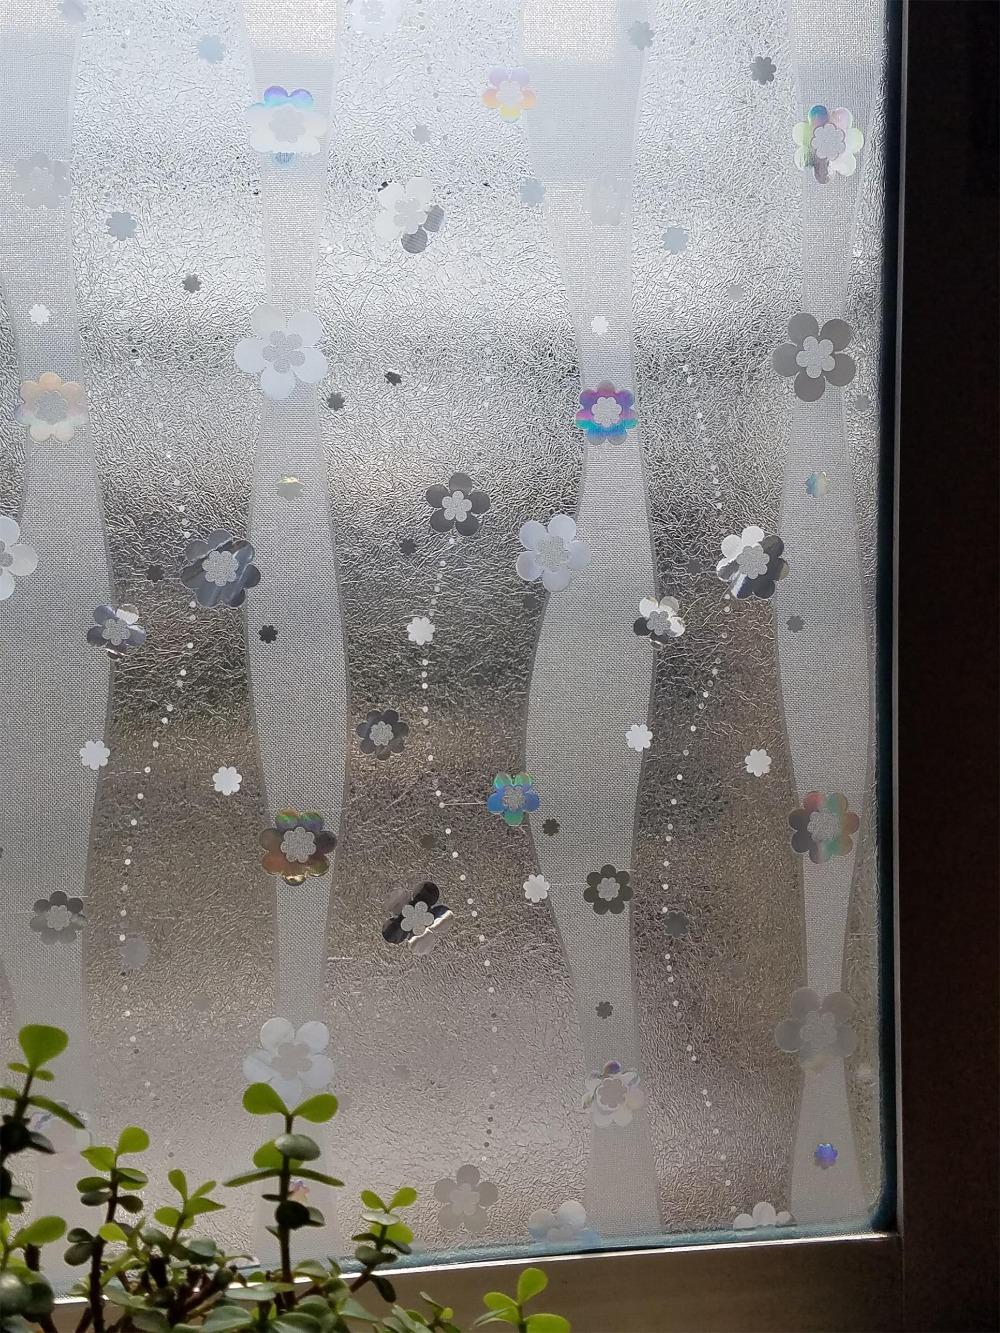 [해외]2m 1pc 90cm 너비 최고 품질 정적 고정 크리스탈 스테인드 정전기 스크럽 창 유리 슬라이딩 도어 필름 유리 스티커/2m 1pc 90cm width top quality static cling crystal Stained Electrostatic scrub